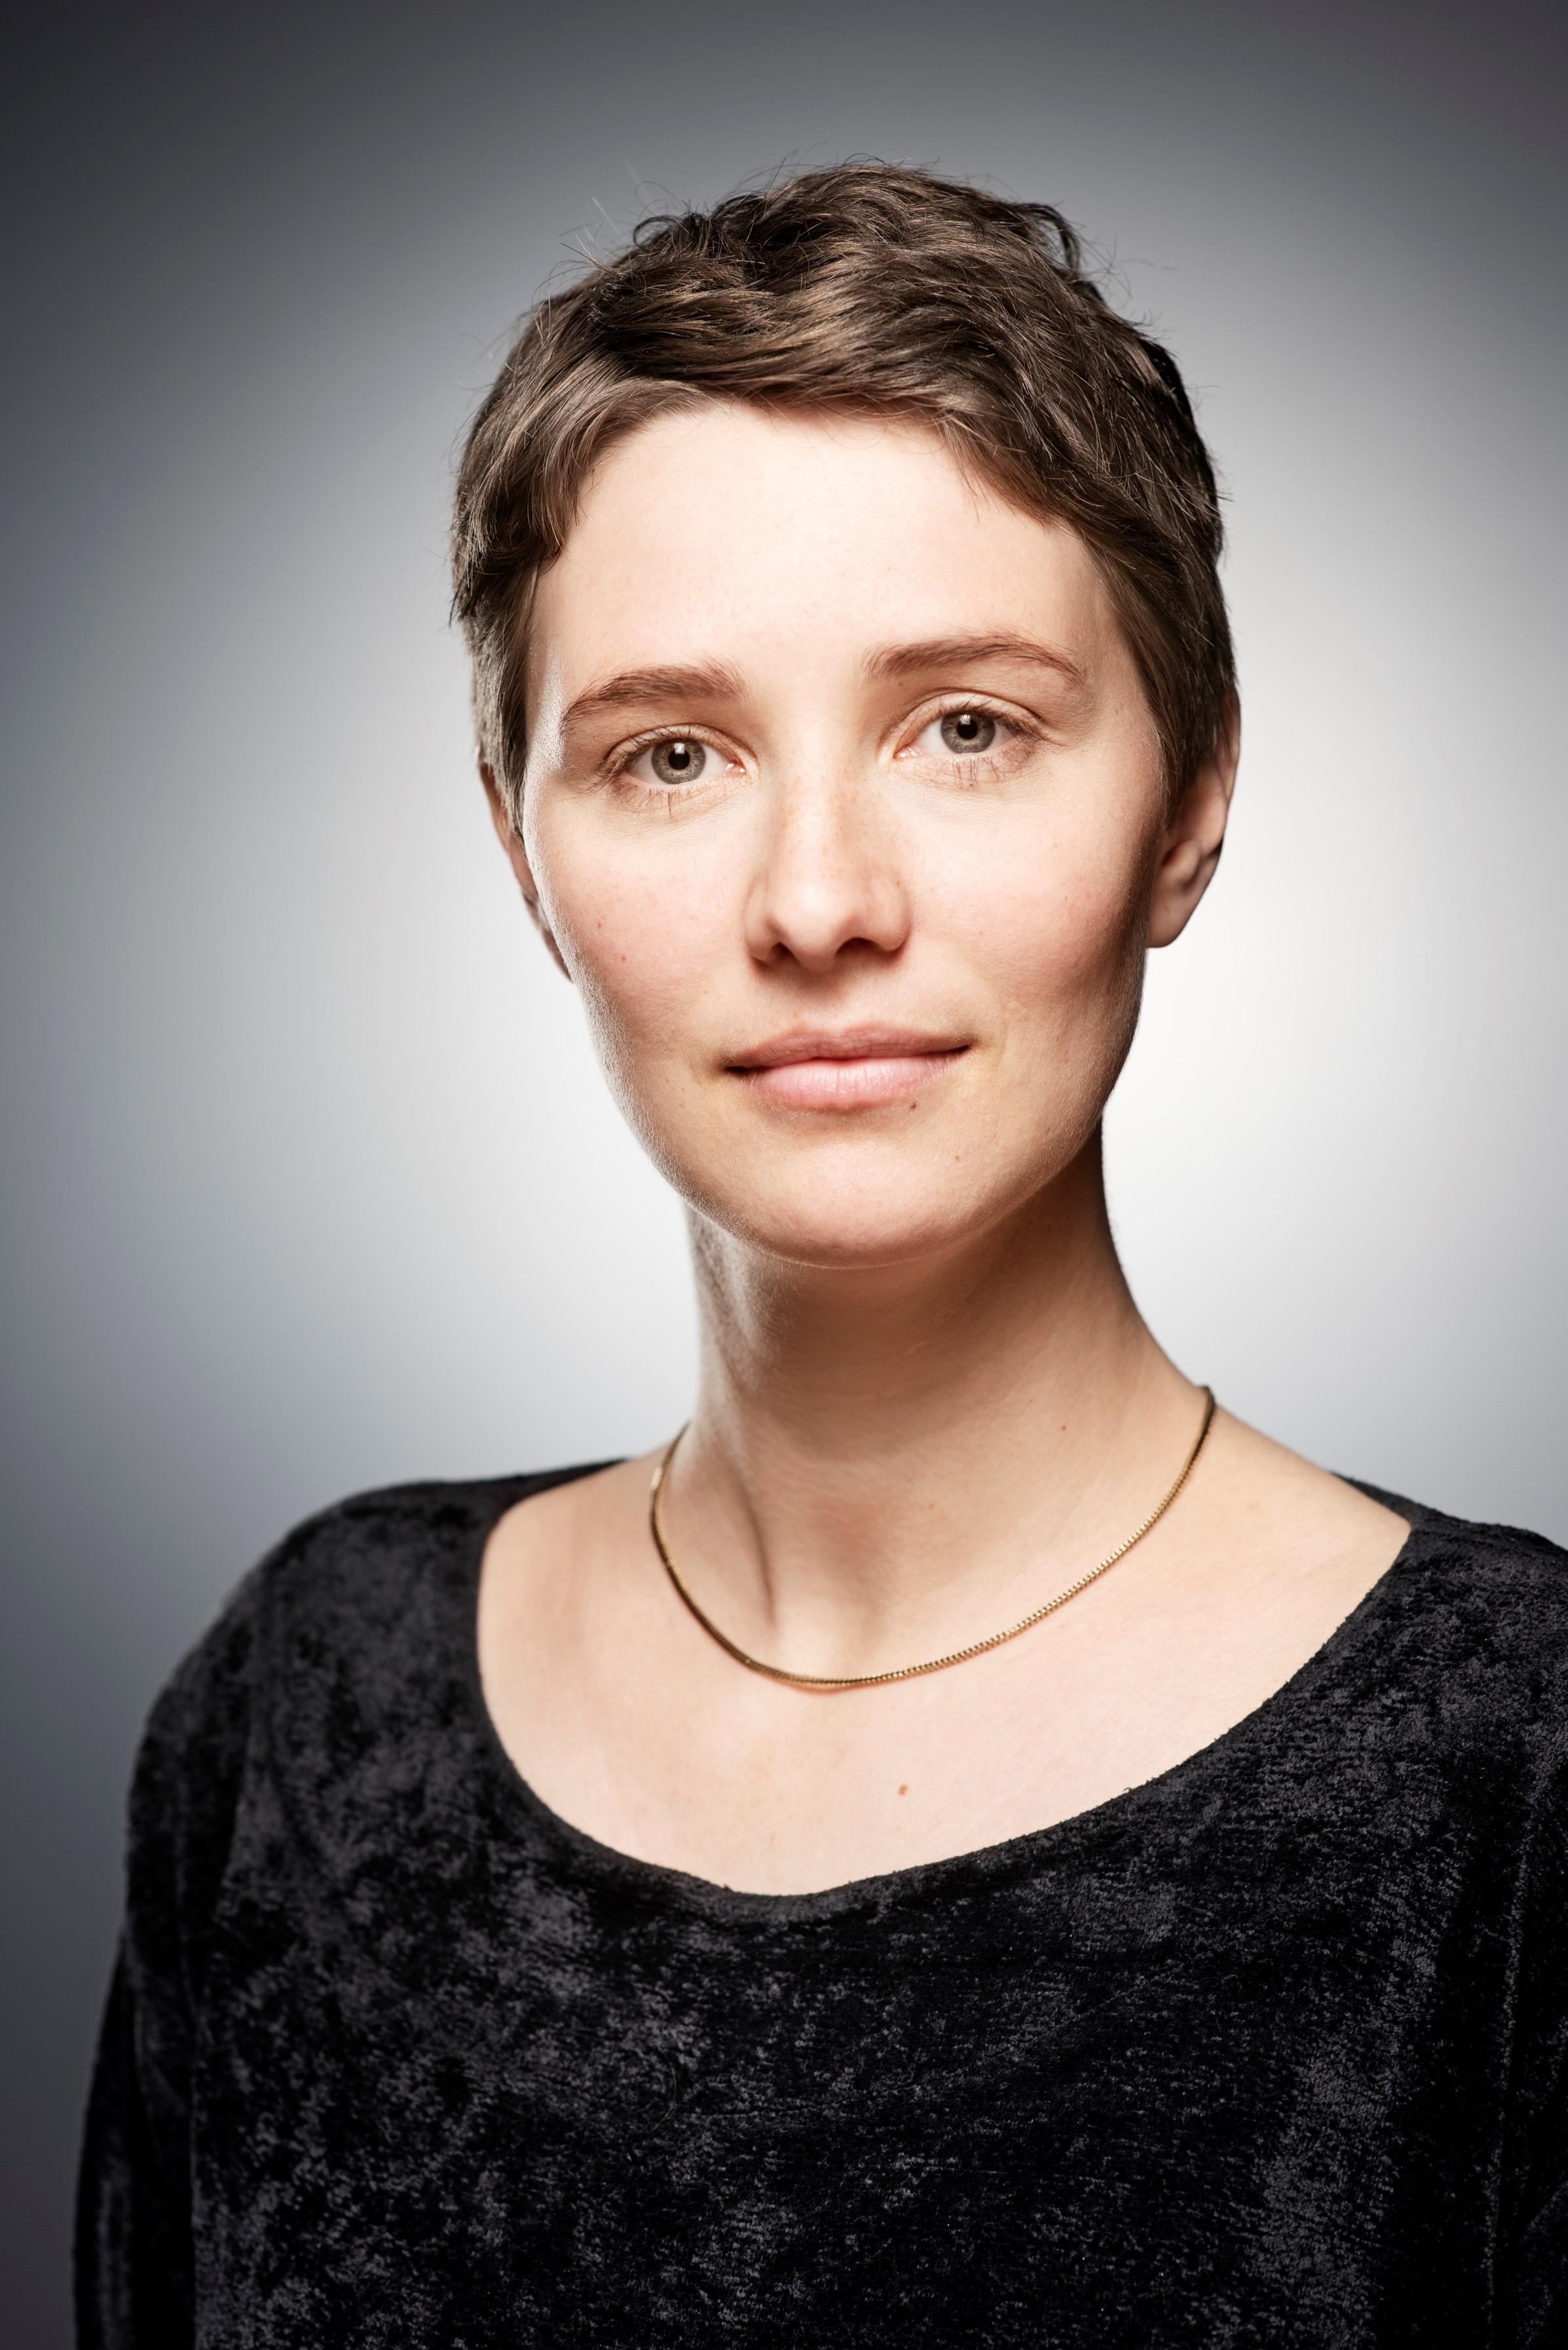 Elisa Elwert